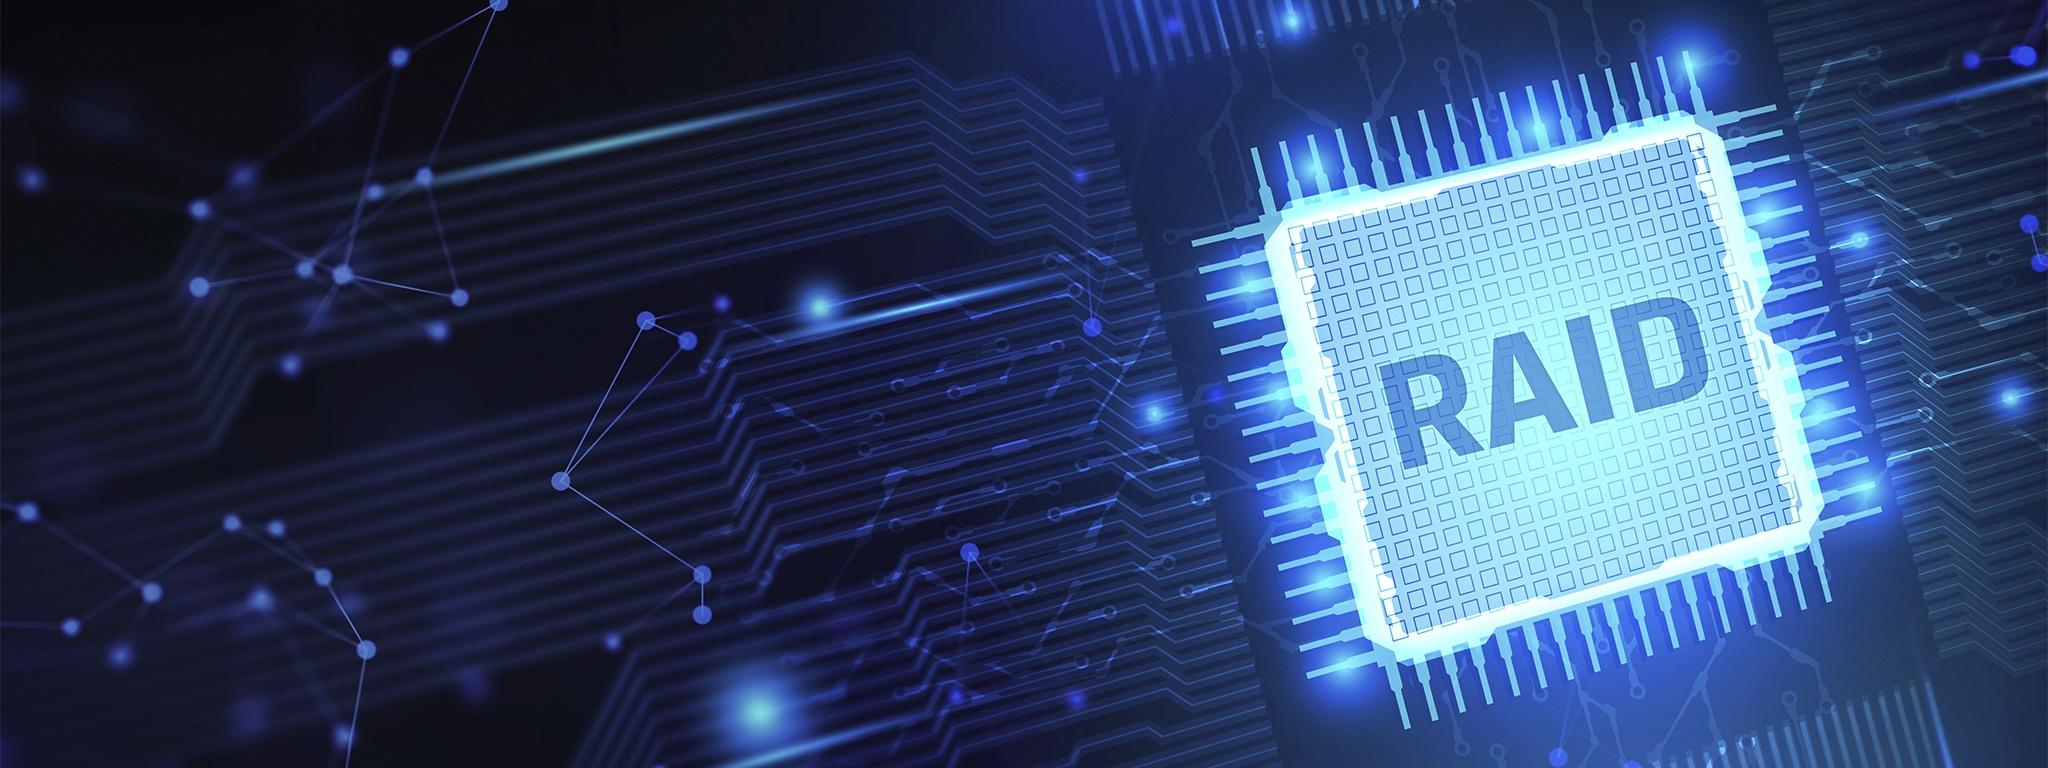 파란색 회로 연결선이 있는 마더보드의 마이크로칩에 대한 2D 그림